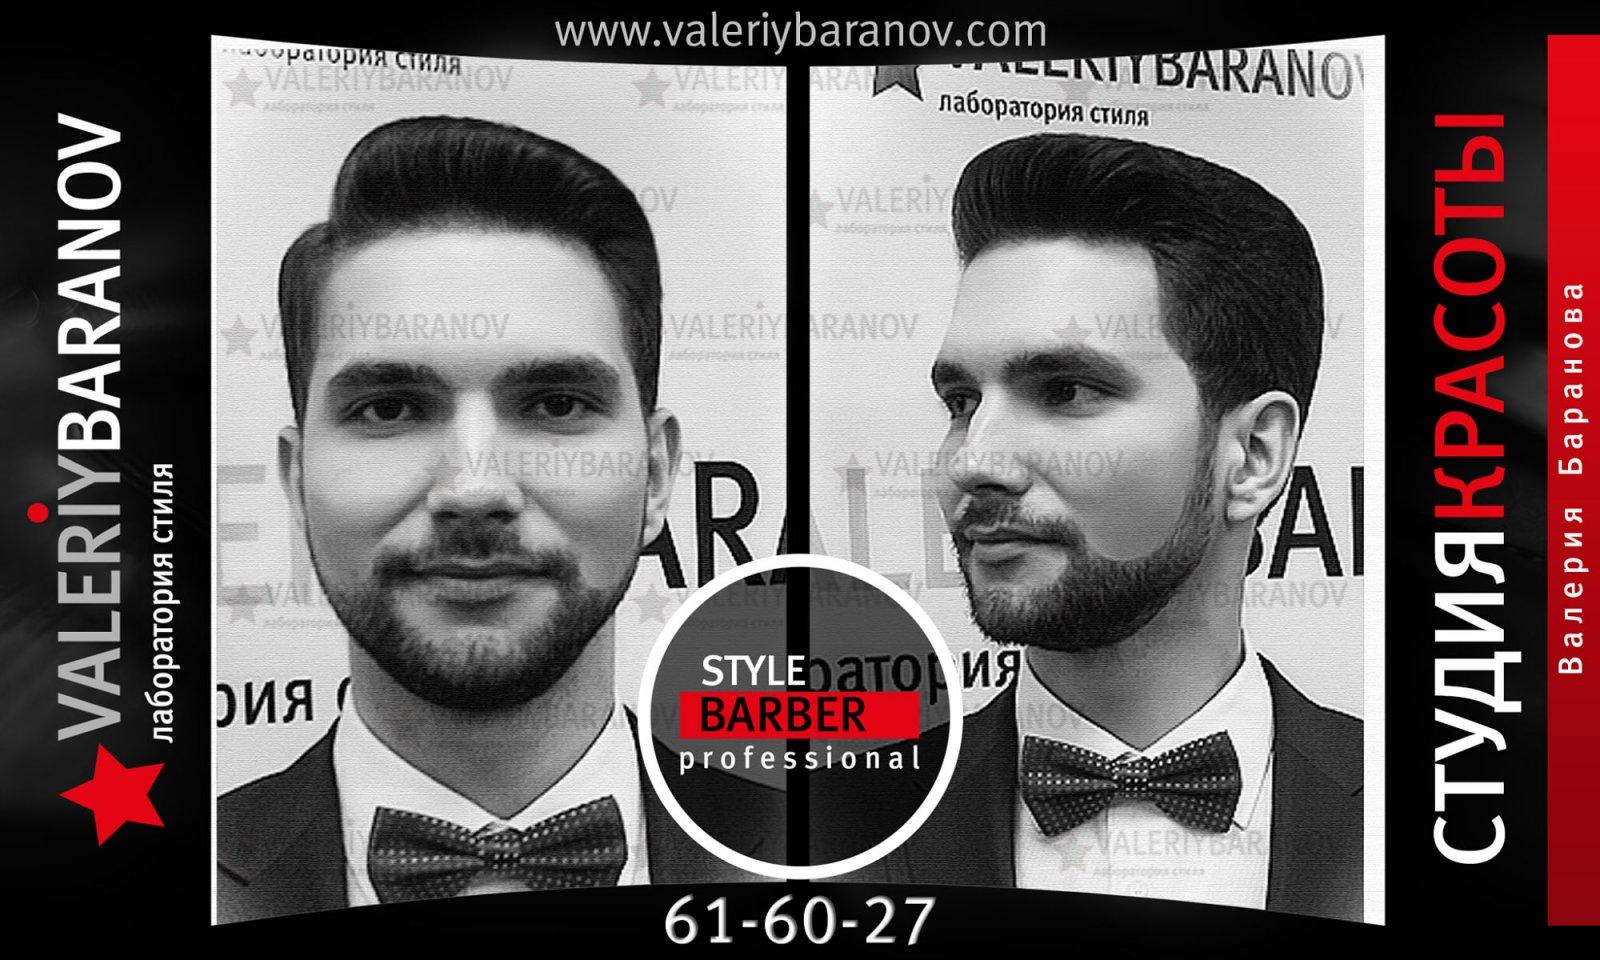 Лаборатория стиля Валерия Баранова: мужские стрижки в Тольятти